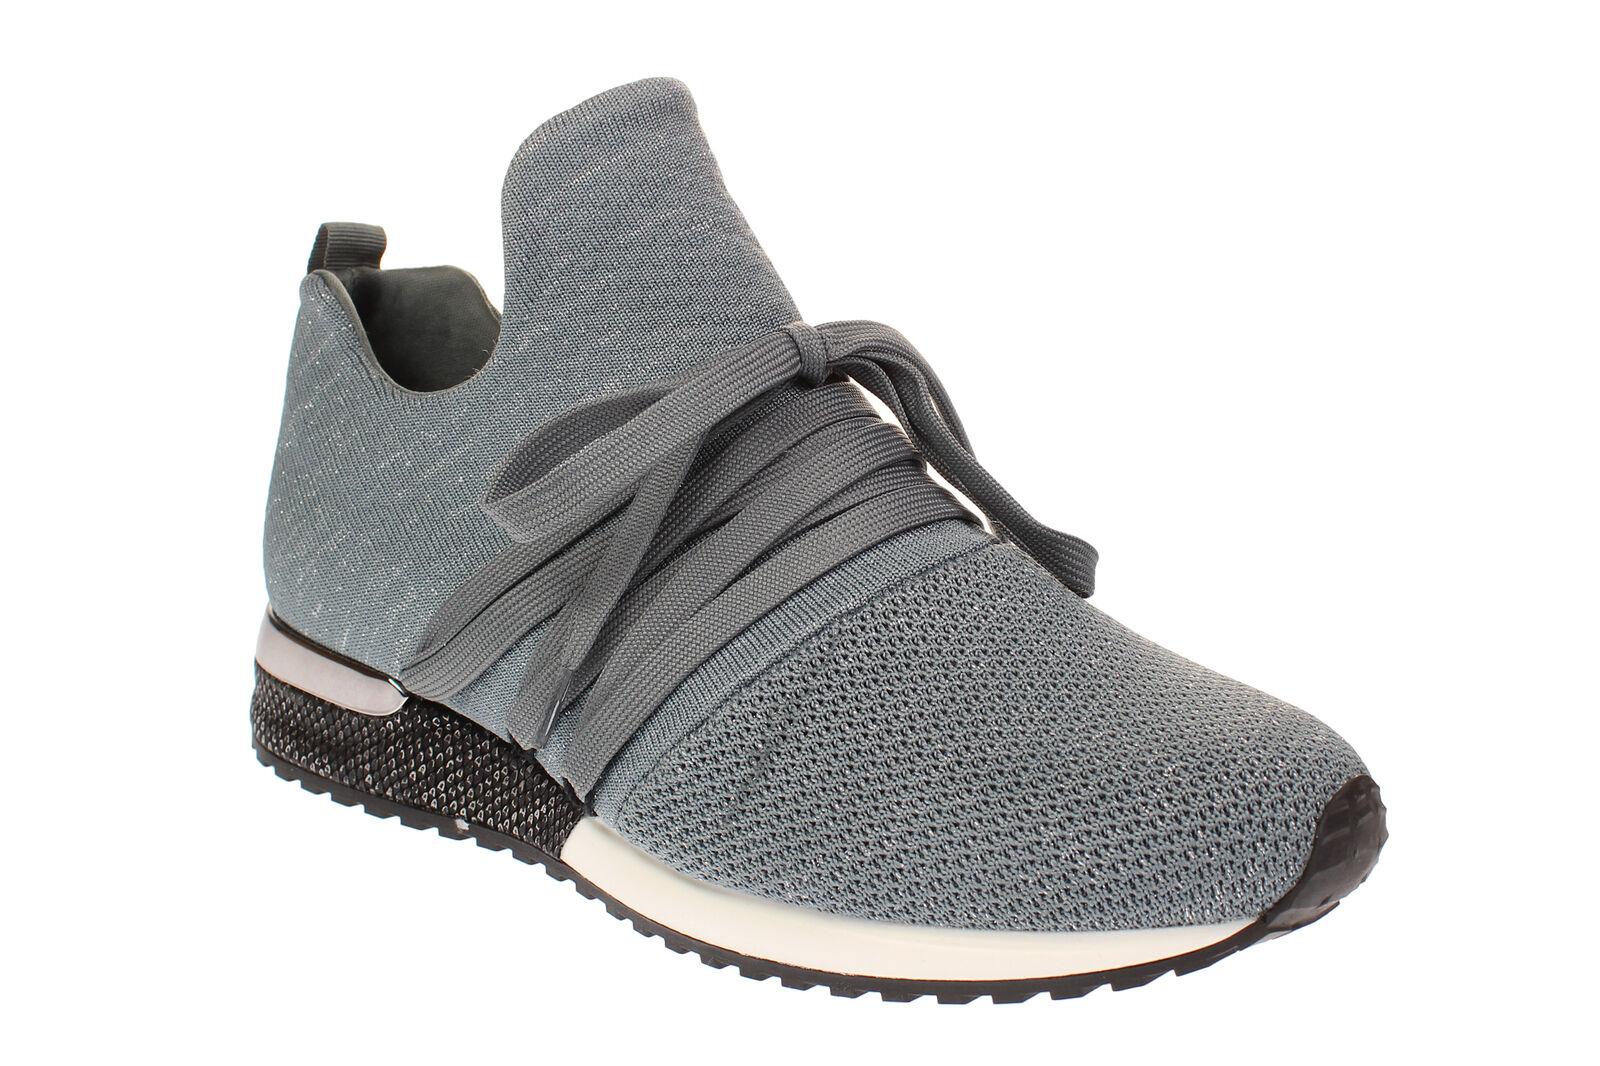 punto de venta La Strada 1701983-señora zapatos zapatillas casual-gris-Knit casual-gris-Knit casual-gris-Knit  bienvenido a orden